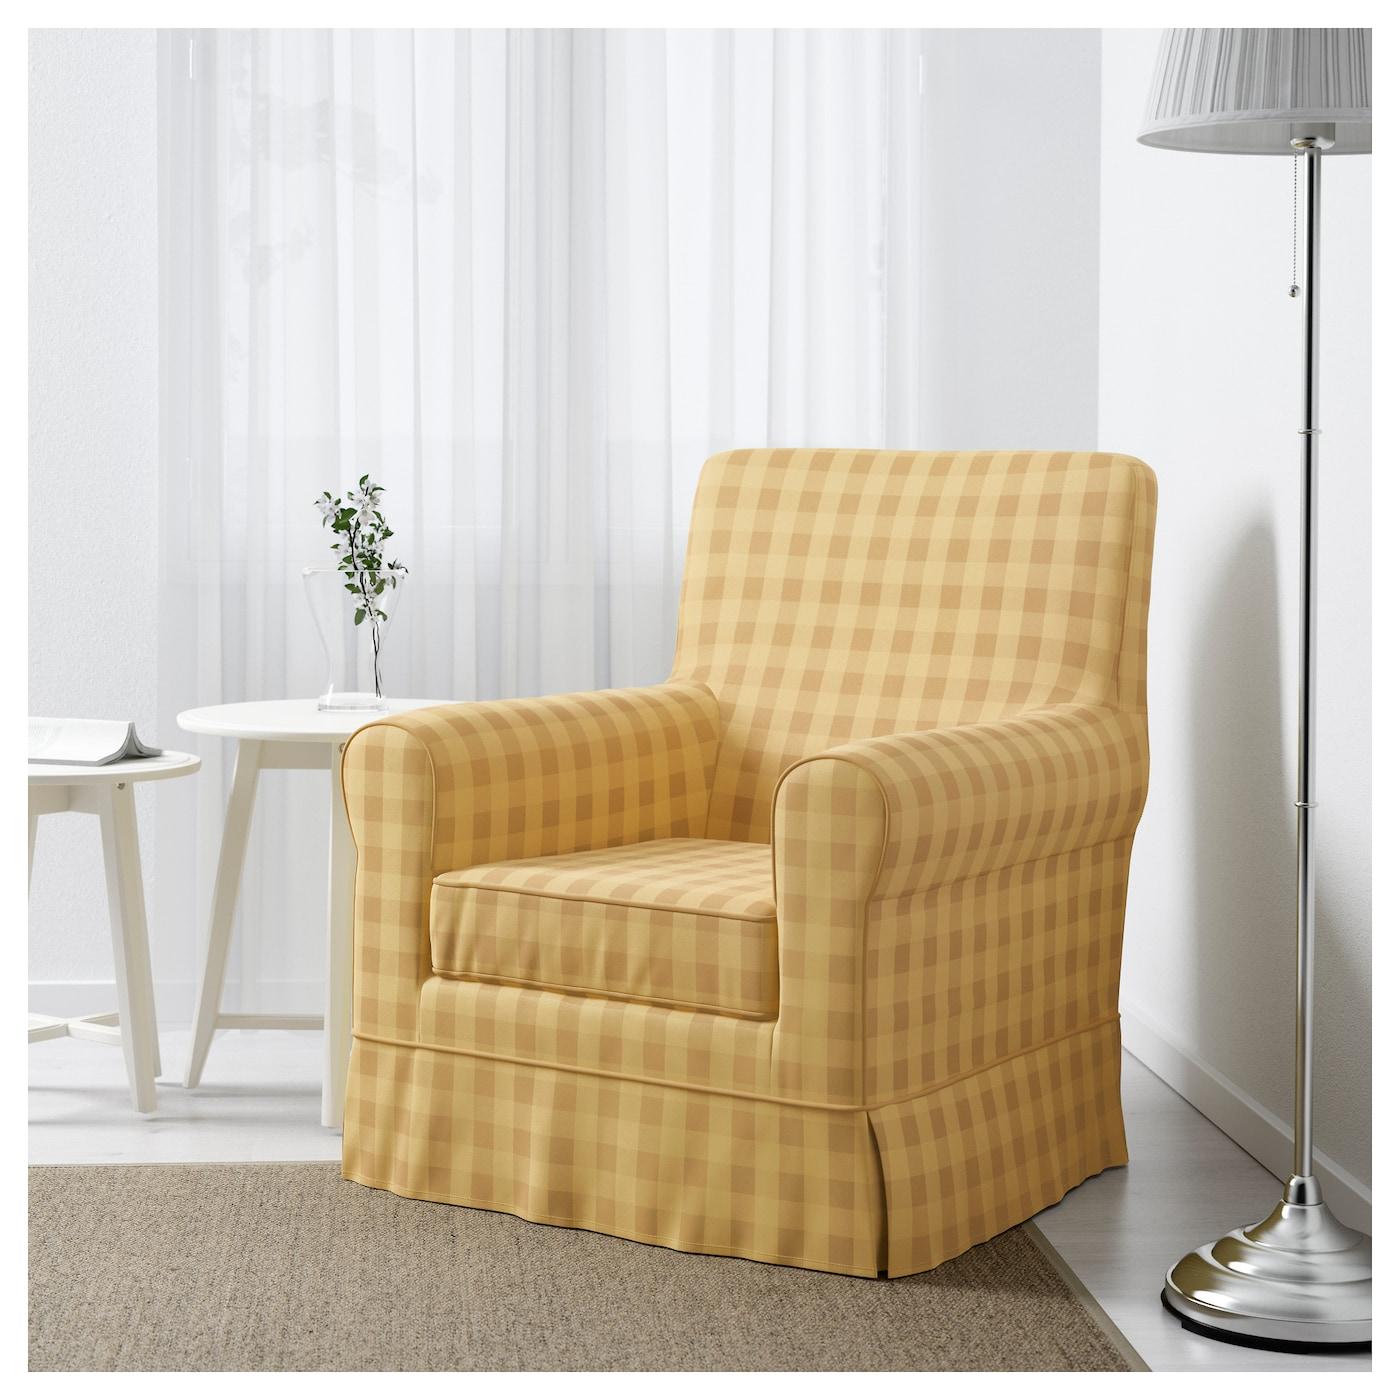 ikea fauteuil jaune trendy ikea fauteuil jaune with ikea. Black Bedroom Furniture Sets. Home Design Ideas